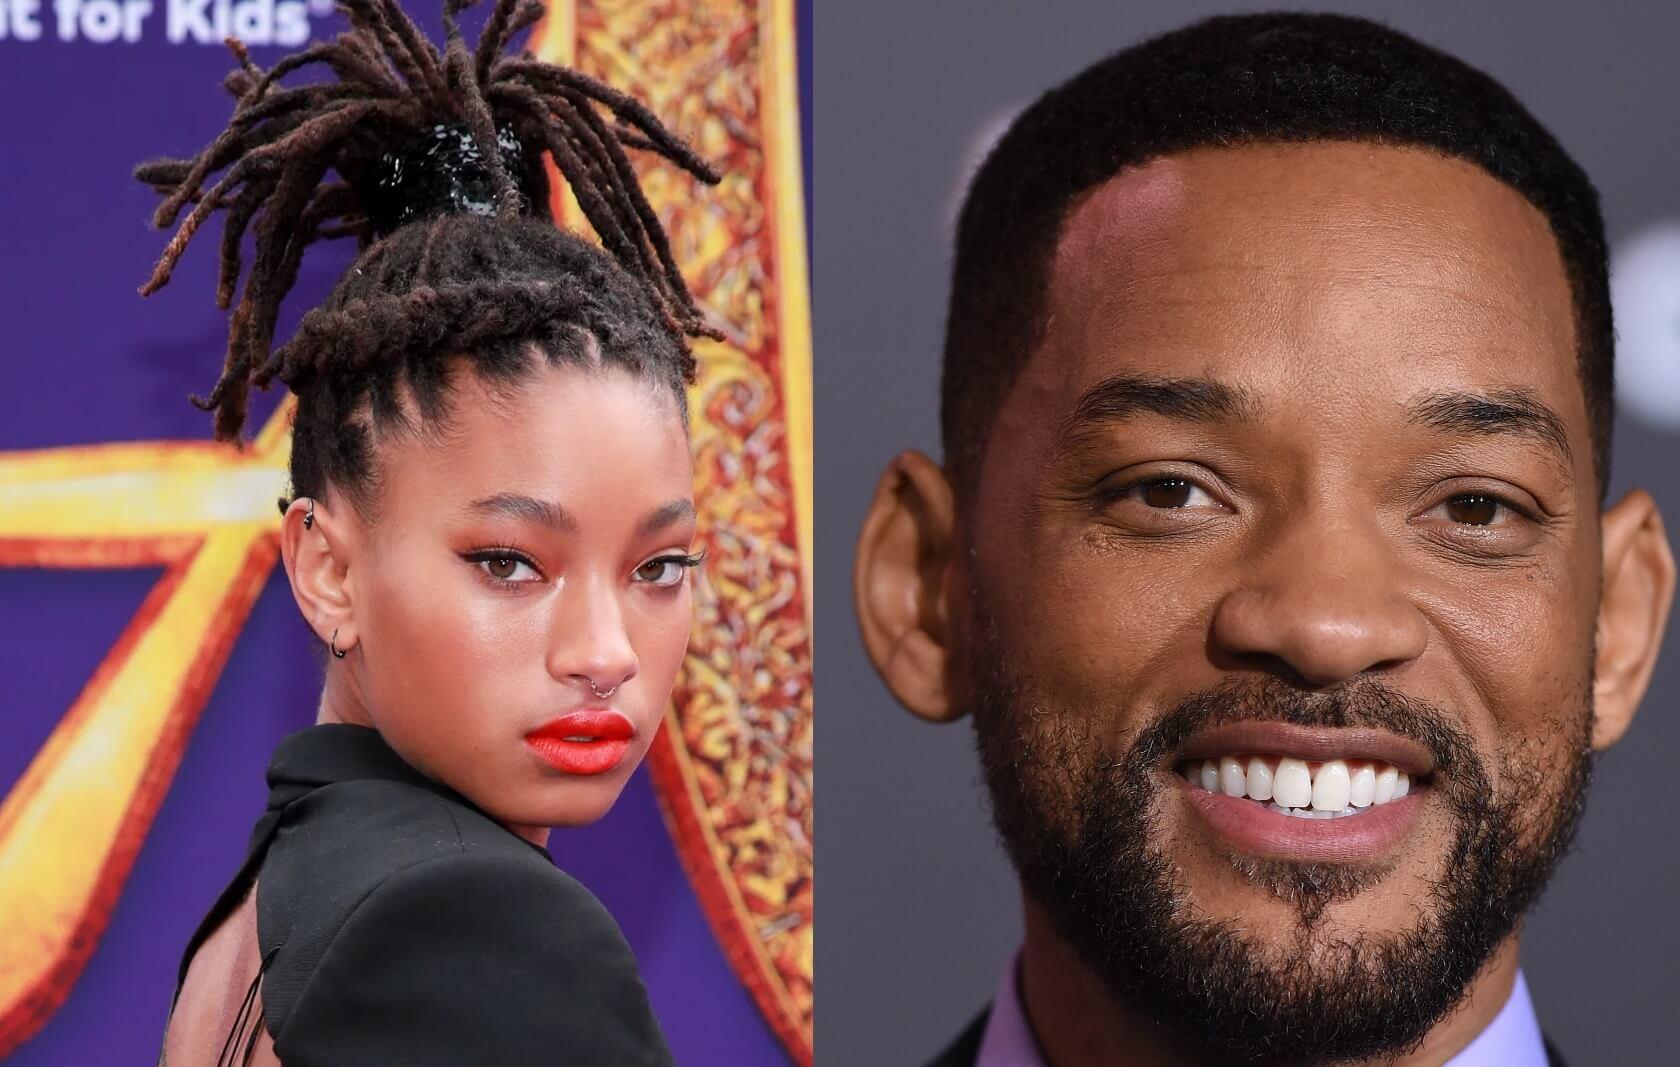 Willow Smith reveló que su padre Will Smith la obligó a hacerse famosa: 'Él era tan duro'